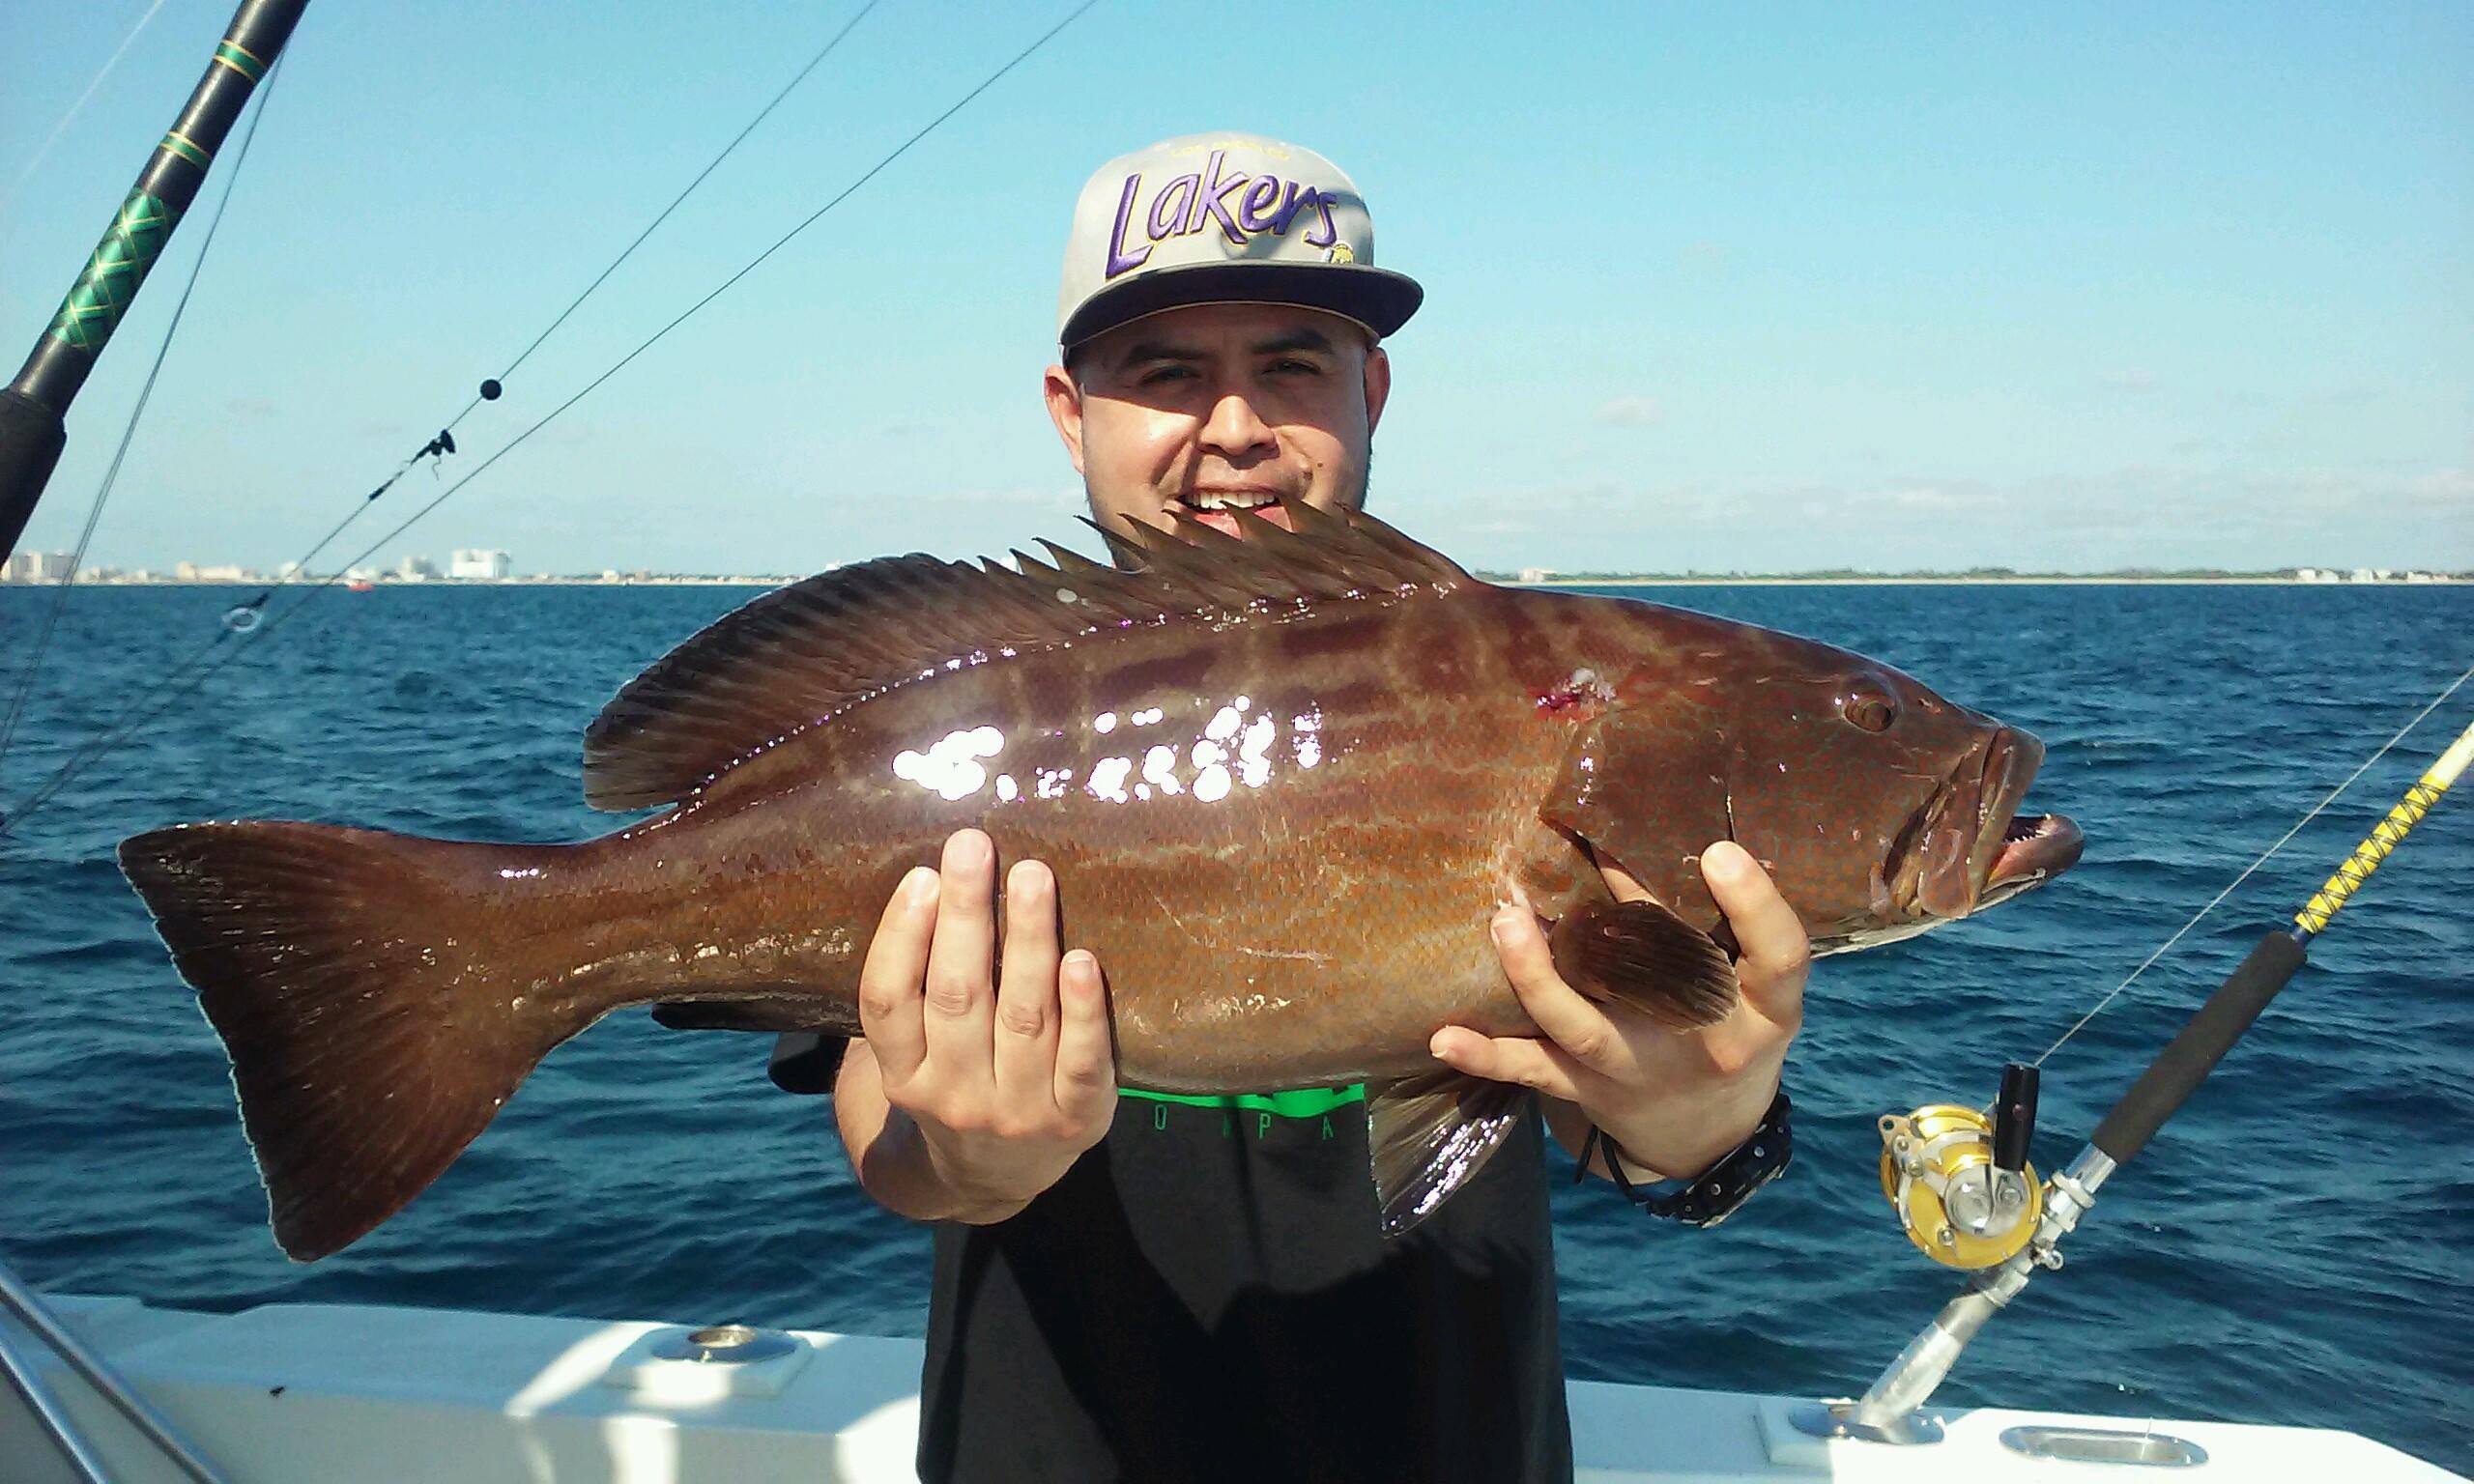 Florida fishing report deep sea fishing in fort lauderdale for Florida deep sea fishing